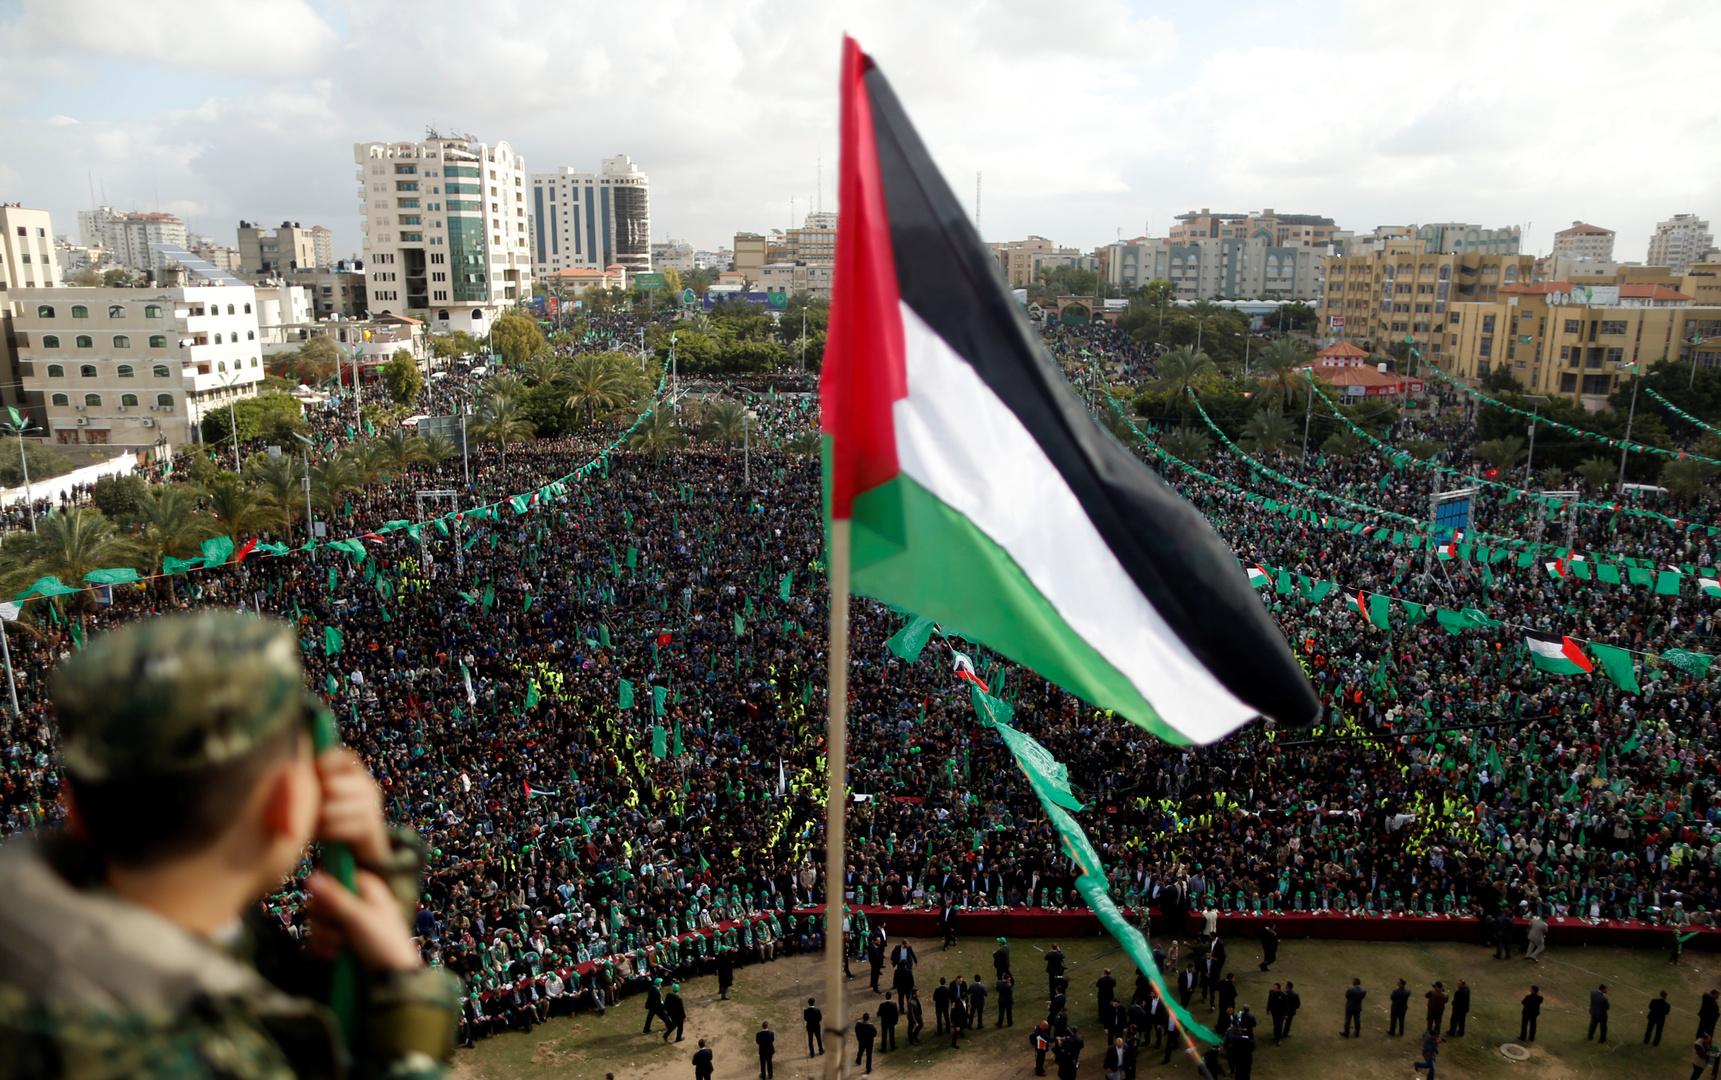 العلم الفلسطيني فوق أنصار  حركة حماس في مسيرة بمناسبة الذكرى الثلاثين لتأسيس الحركة، في قطاع غزة بفلسطين